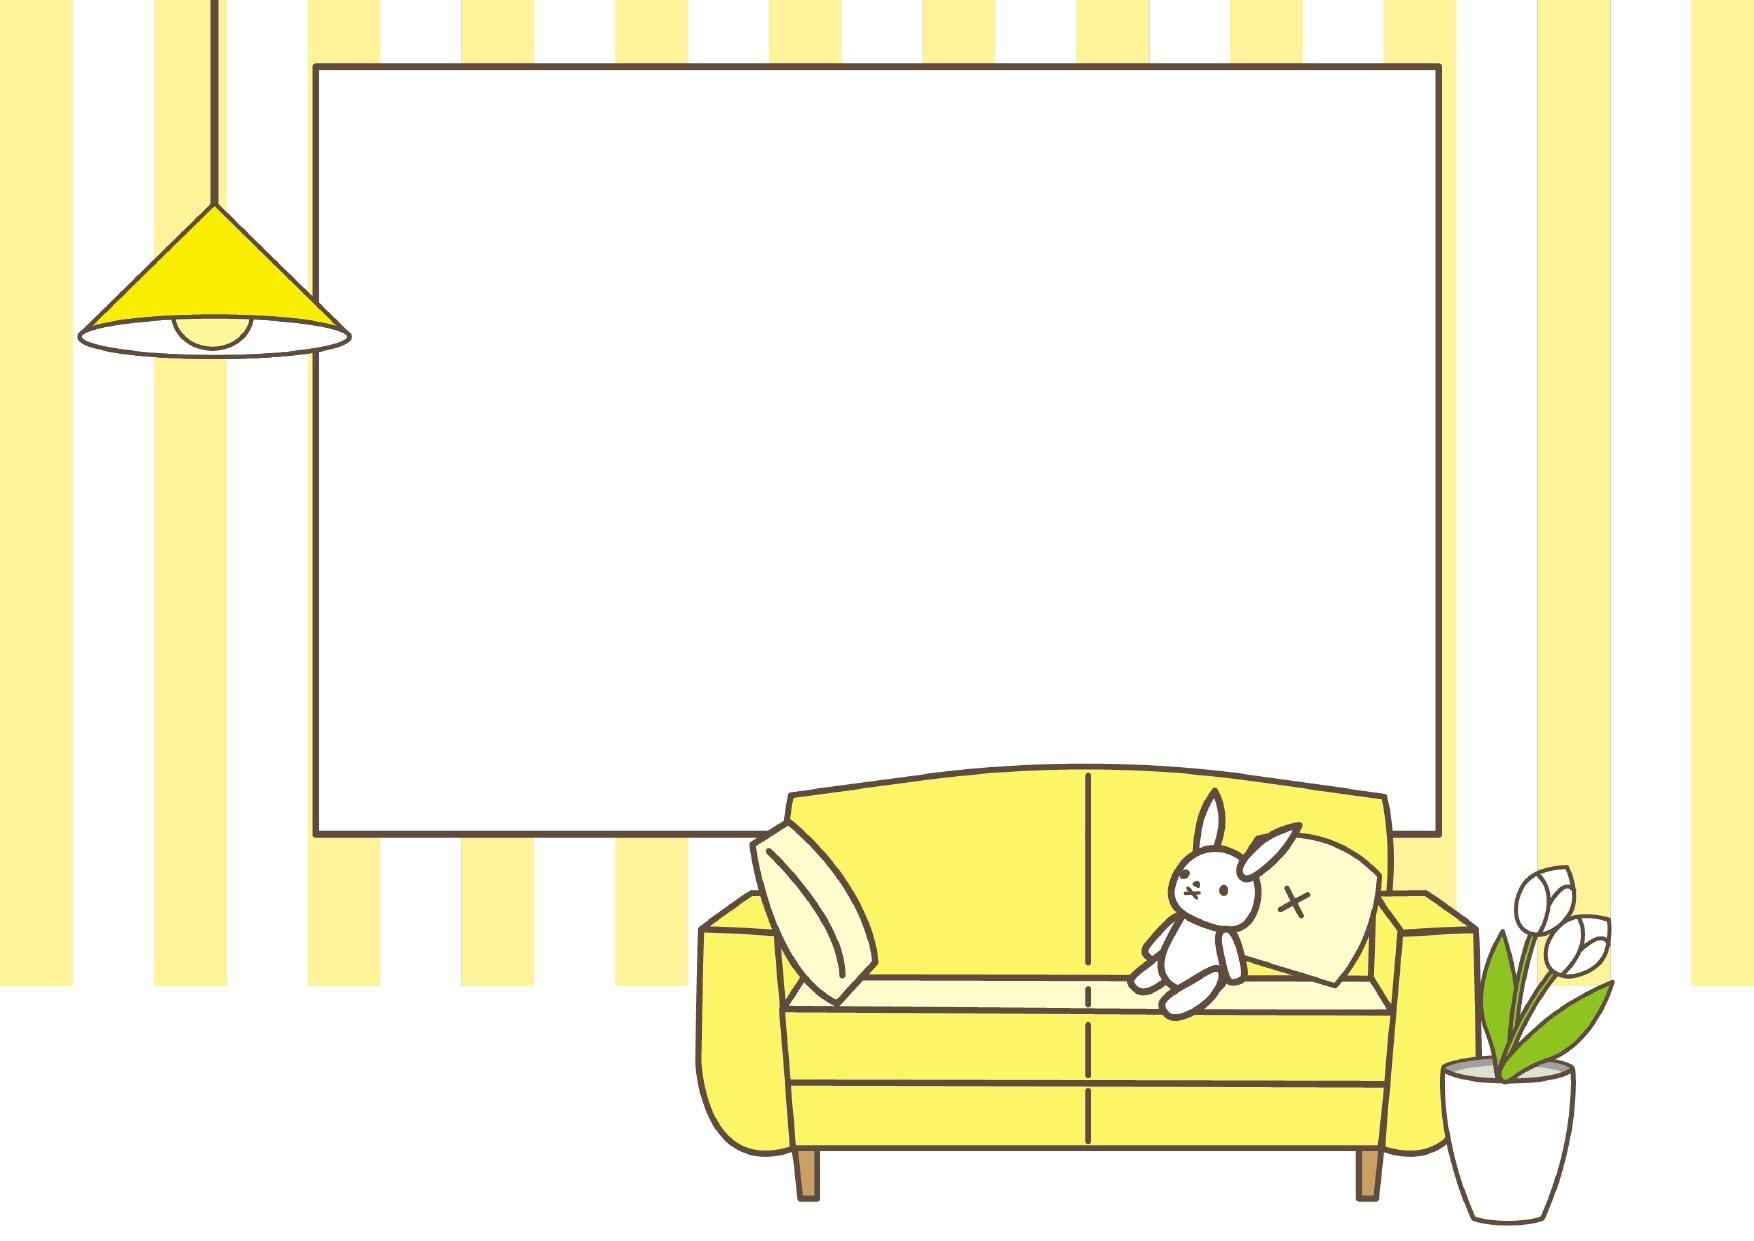 イエロー(黄色)のソファーとウサギのフレーム